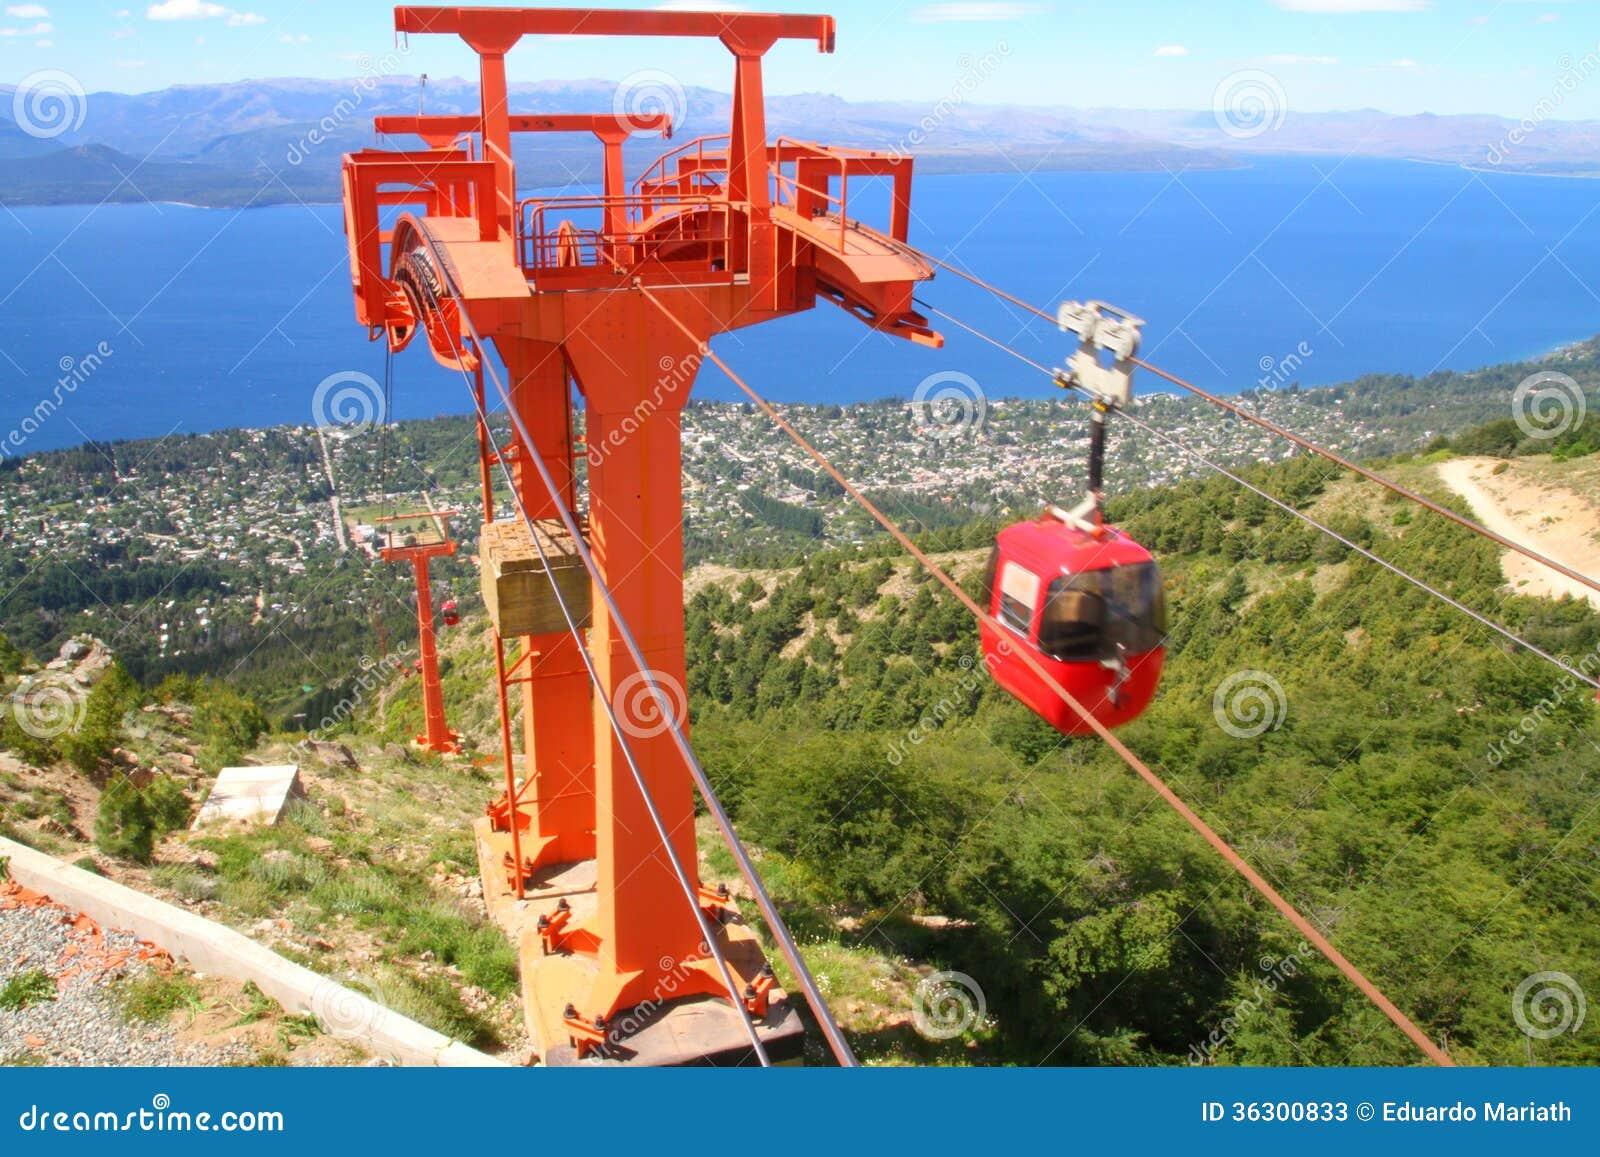 Teleféricos en el movimiento en Cerro Otto - Bariloche